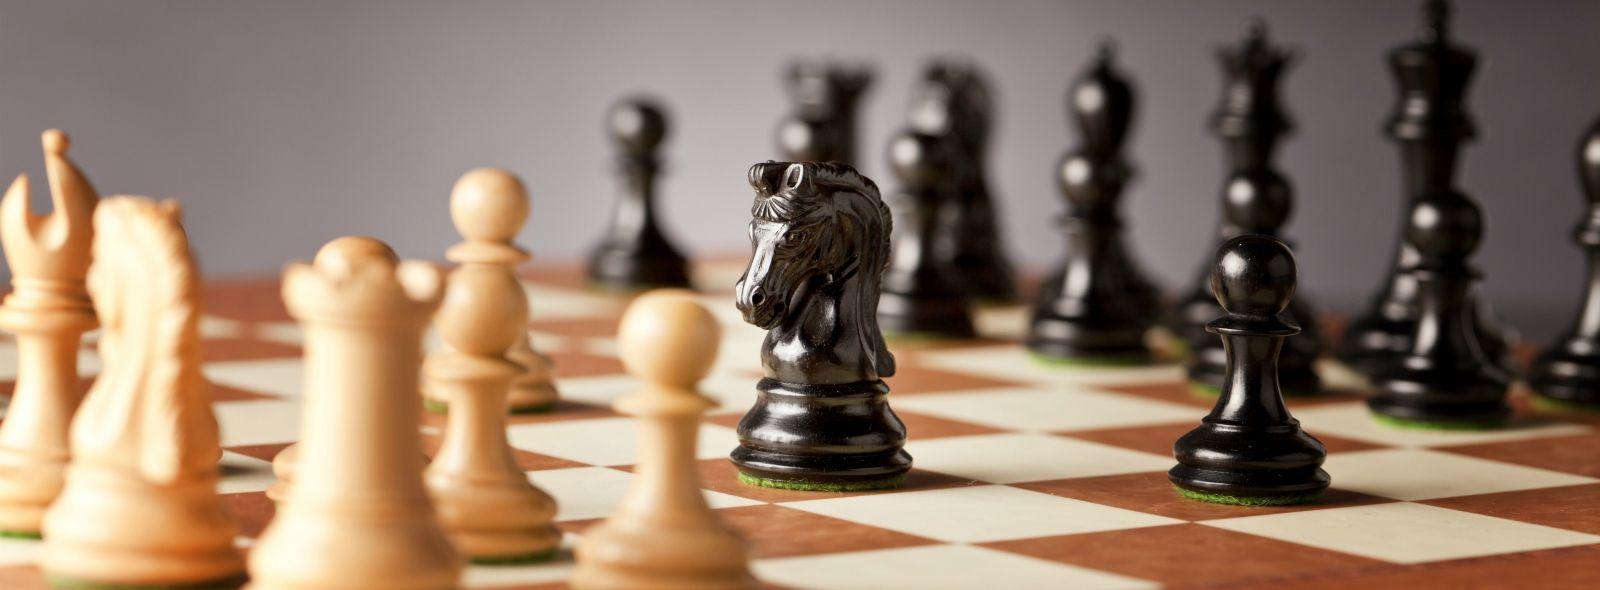 Regole scacchi: quali sono i trucchi segreti